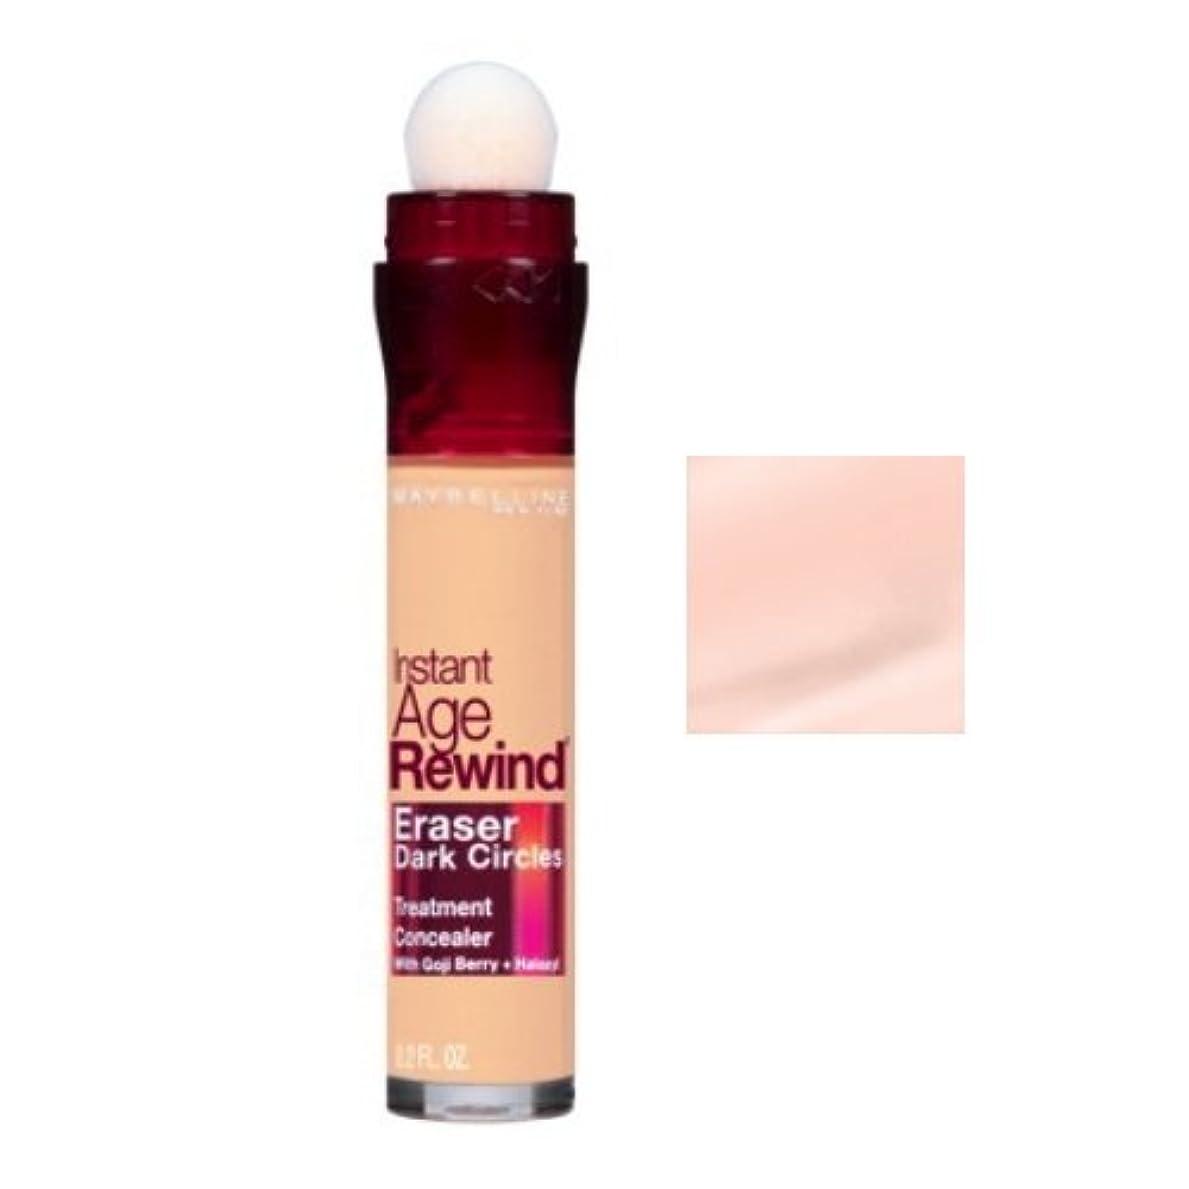 争い雑品コミットメントMAYBELLINE Instant Age Rewind Eraser Dark Circles + Treatment - Brightener (並行輸入品)